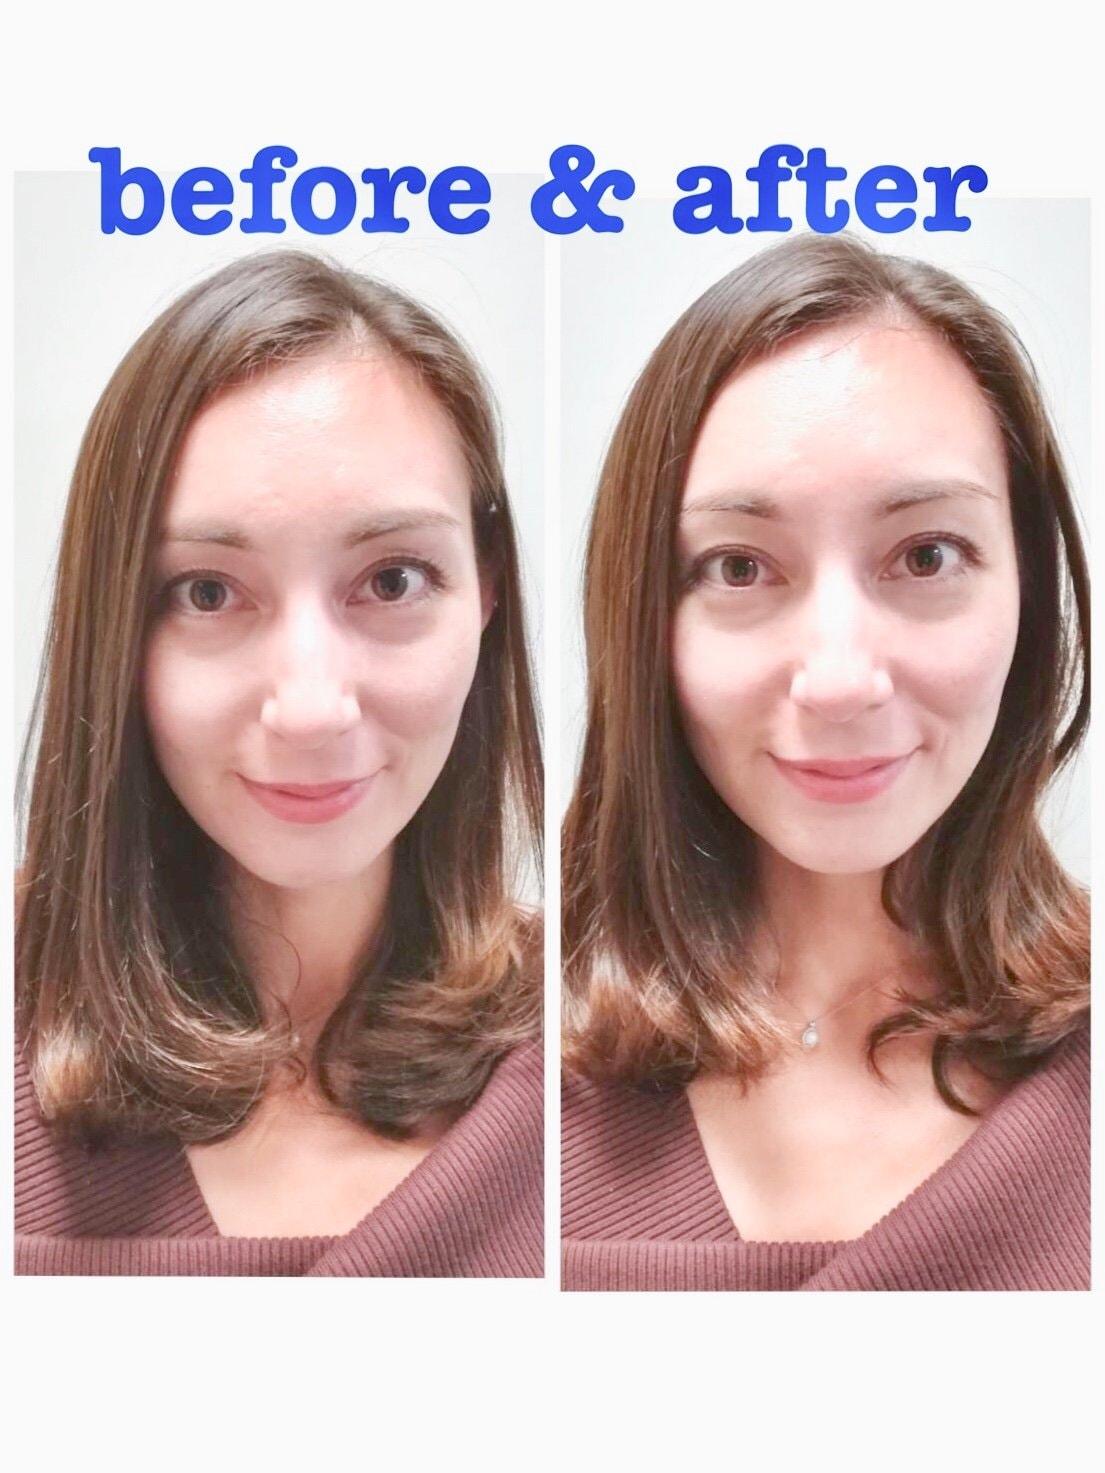 初回限定!美容鍼+ボディメンテナンス30分 通常¥11000 → ¥5980 しわやたるみの改善。小顔リフトアップに最適な美容鍼をボディメンテナンスとセットでより効果を引き出します。のイメージその4